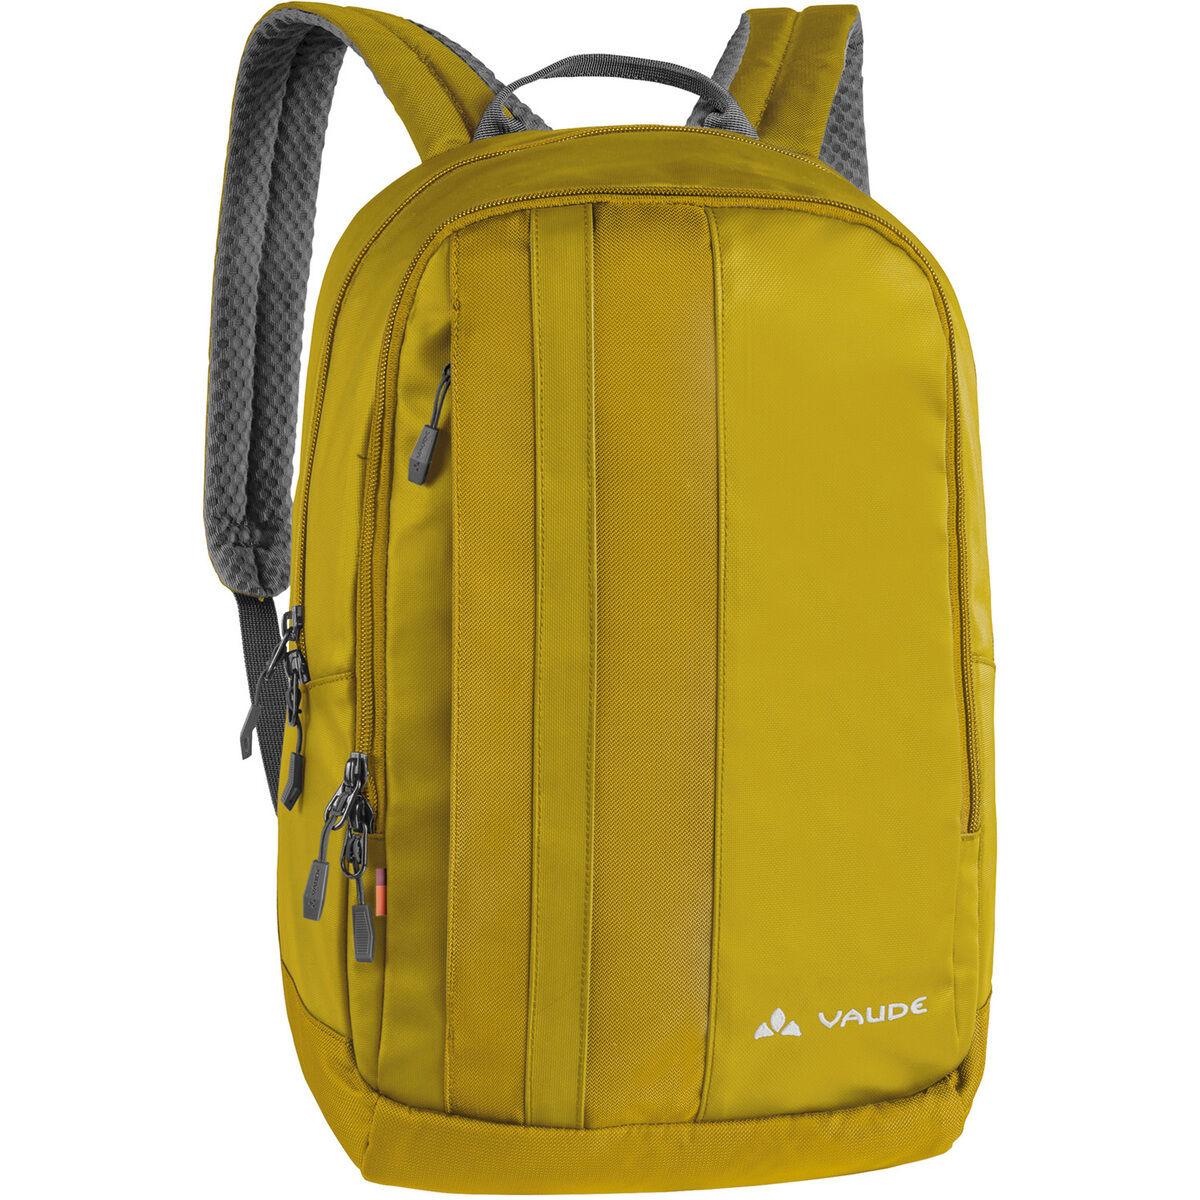 """Vaude Day Pack Rucksack 18 L nur in der Farbe, ab 49,-- wäre Versandkostenfrei """"netto"""" kostet Artikel 48,--"""